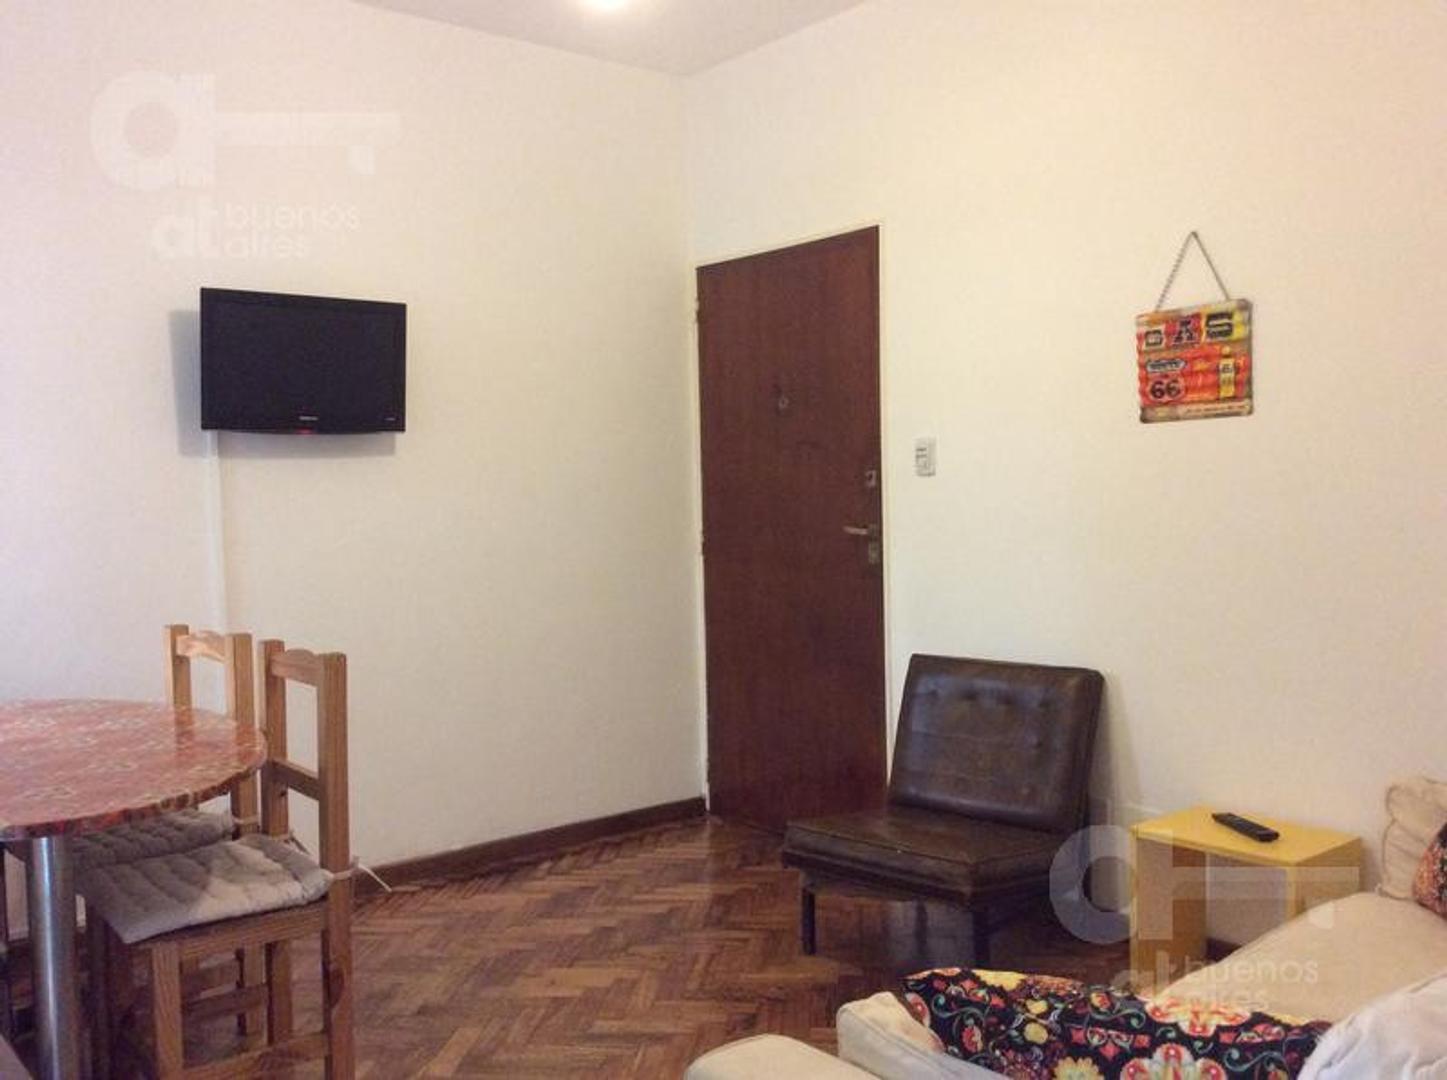 San Telmo, 2 ambientes con patio, alquiler temporario sin garantía